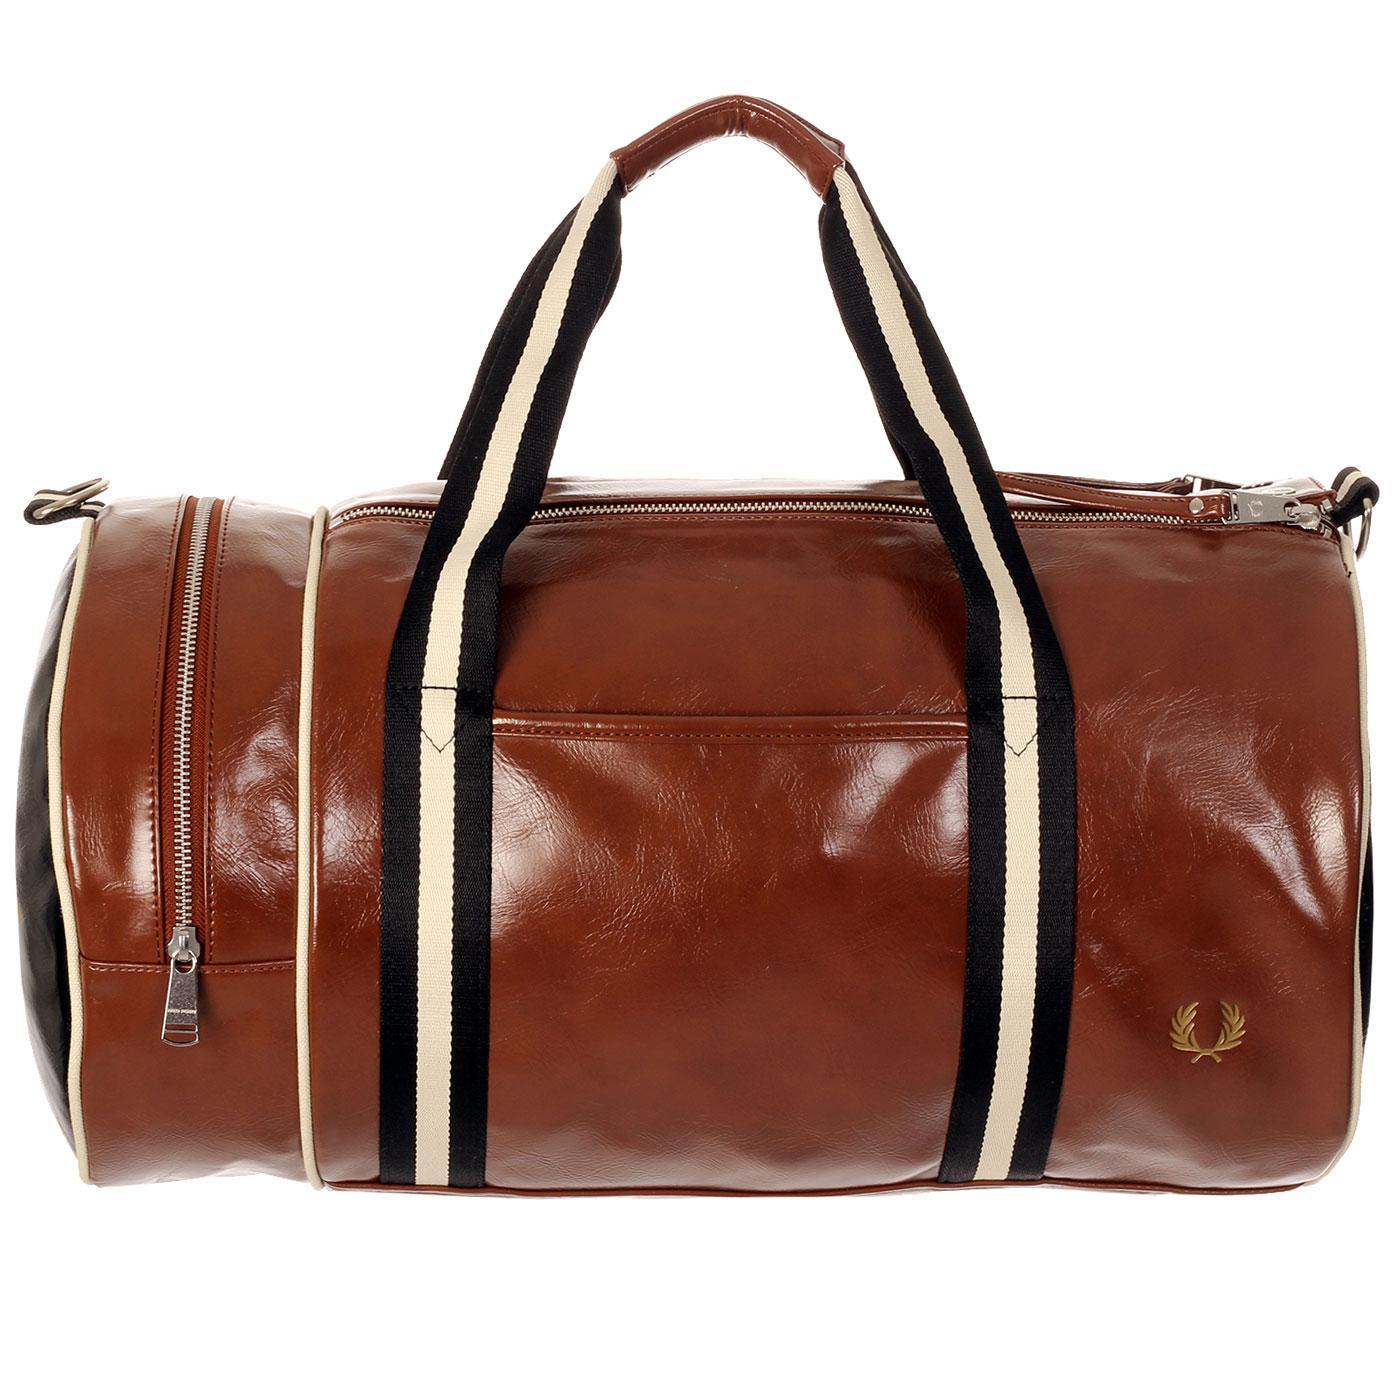 FRED PERRY Contrast Colour Barrel Bag - Tan/Black